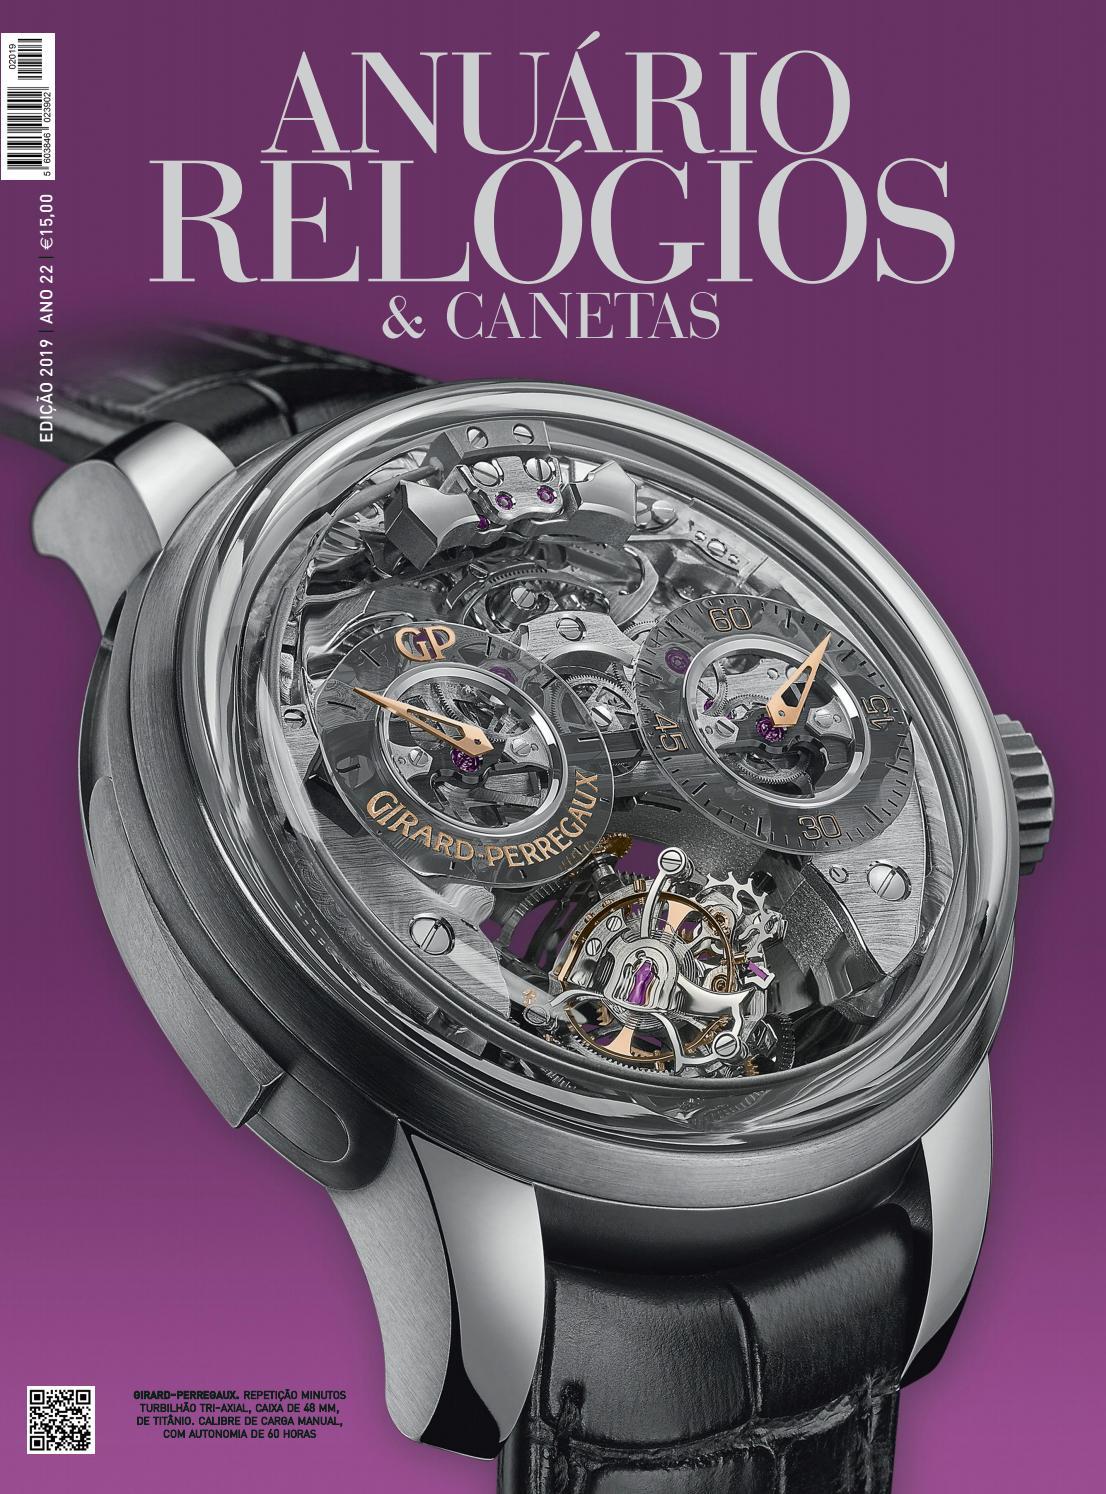 32ae87089a7 Anuário Relógios   Canetas - 2019 (versão digital da revista em papel) by  Anuário Relógios   Canetas - issuu